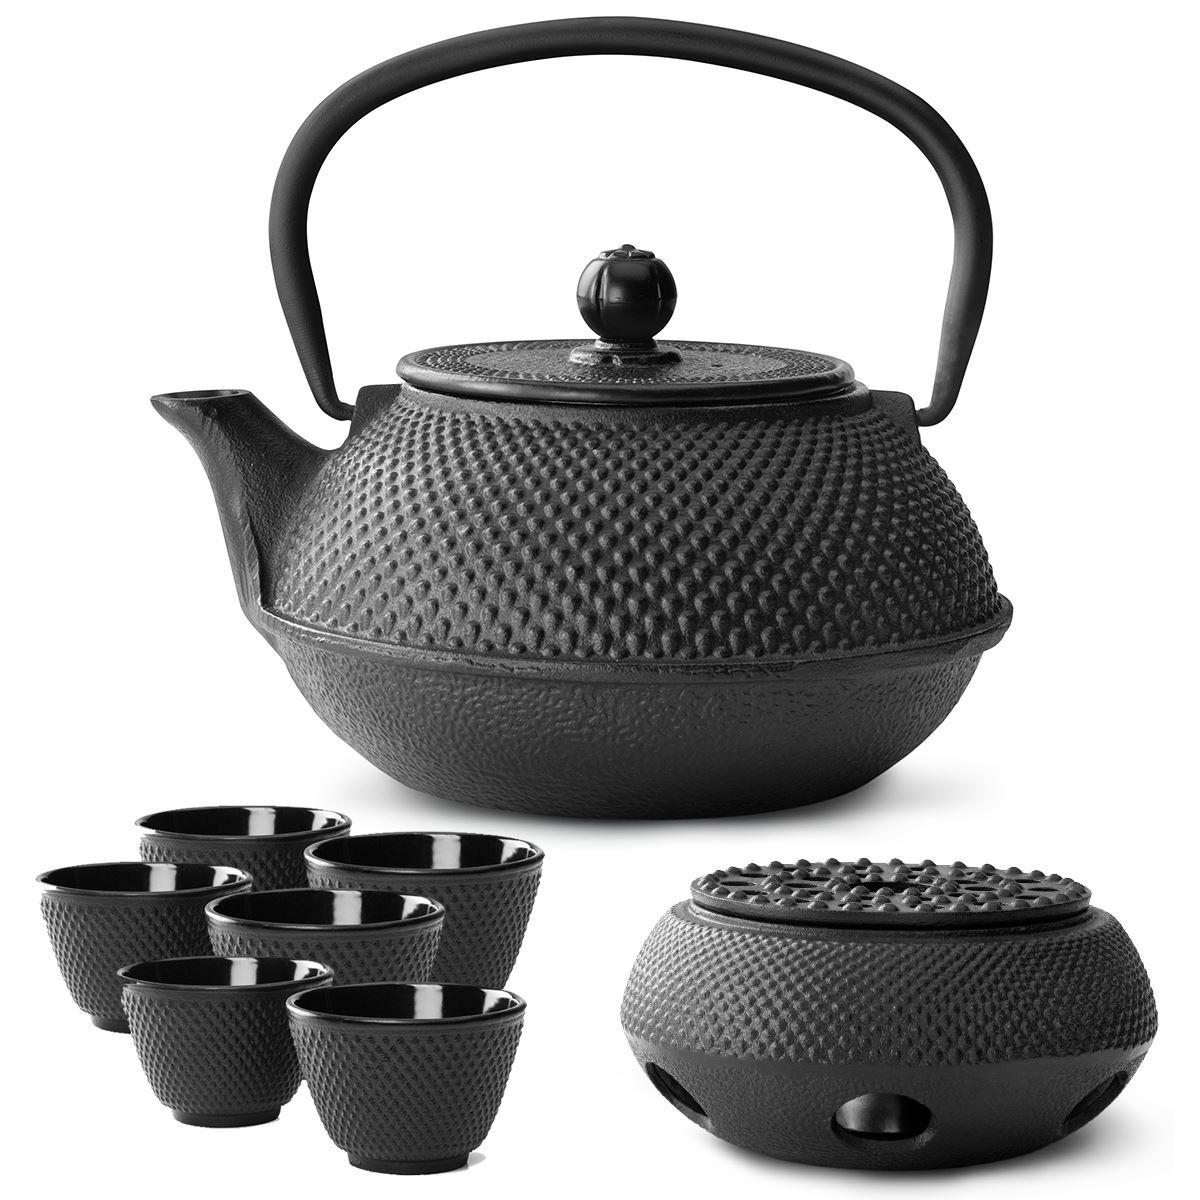 Teekanne Gusseisen schwarz 0,8 Liter Tee Kanne Teebereiter